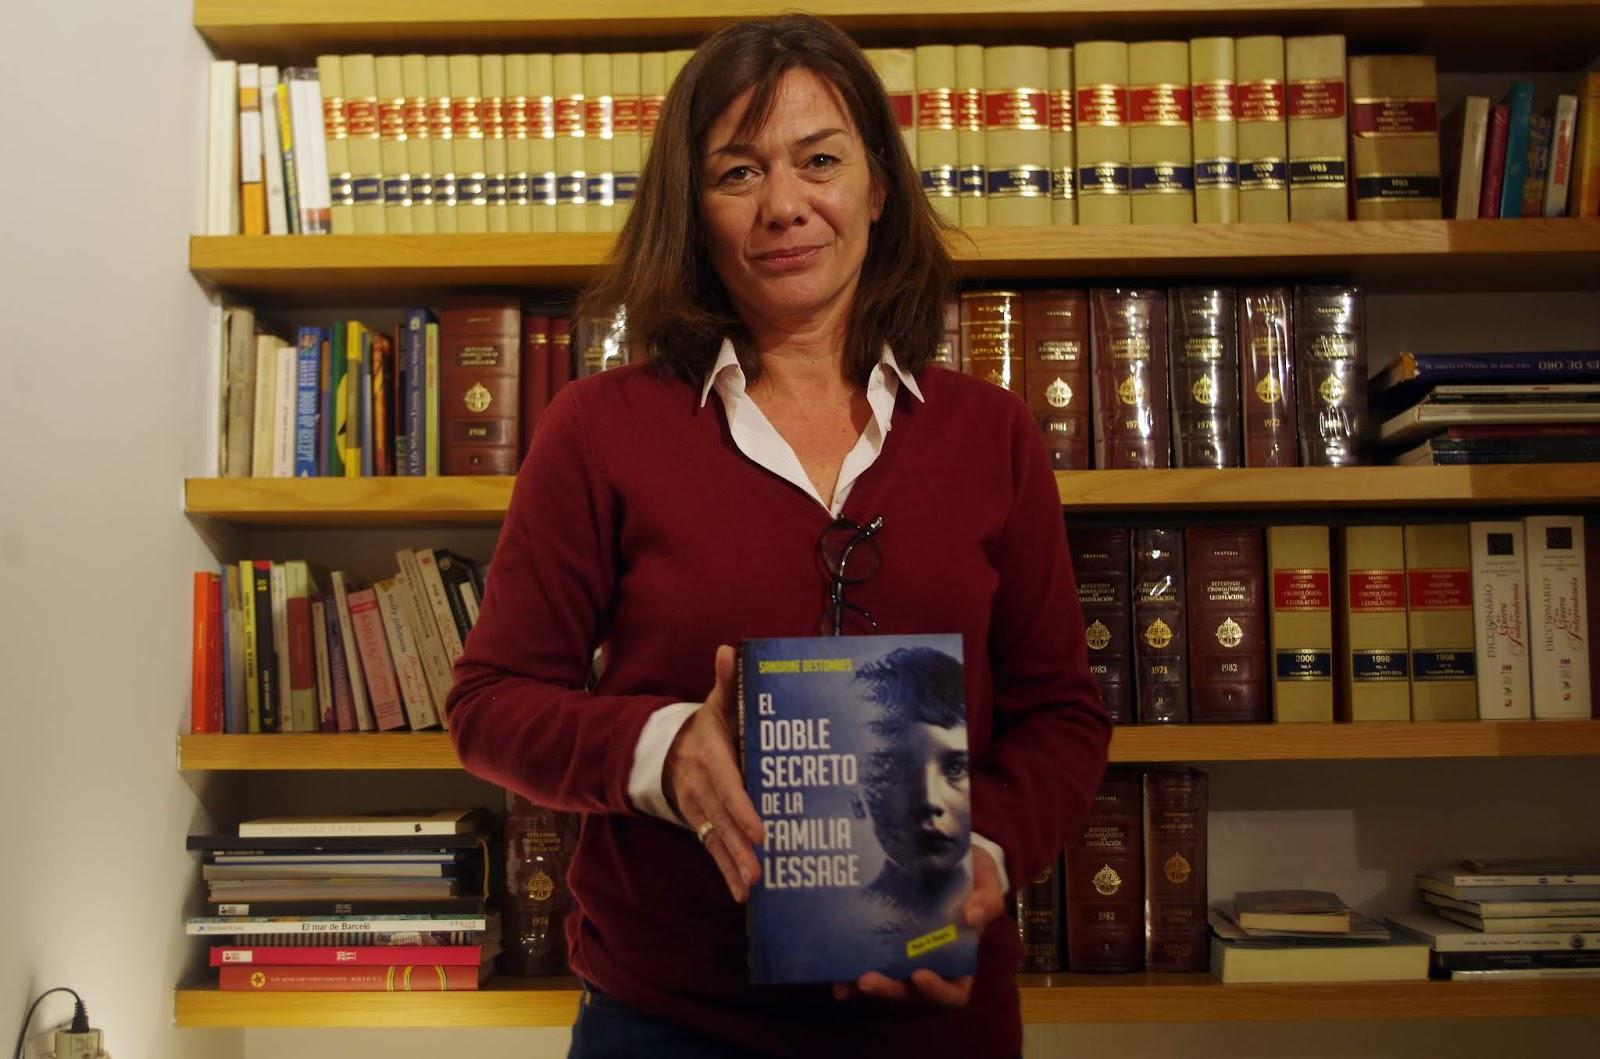 """Pude entrevistar a la autora, Sandrine Destombes, por la publicación de su  primer libro en castellano """"El doble secreto de la familia Lessage""""  publicado por ..."""